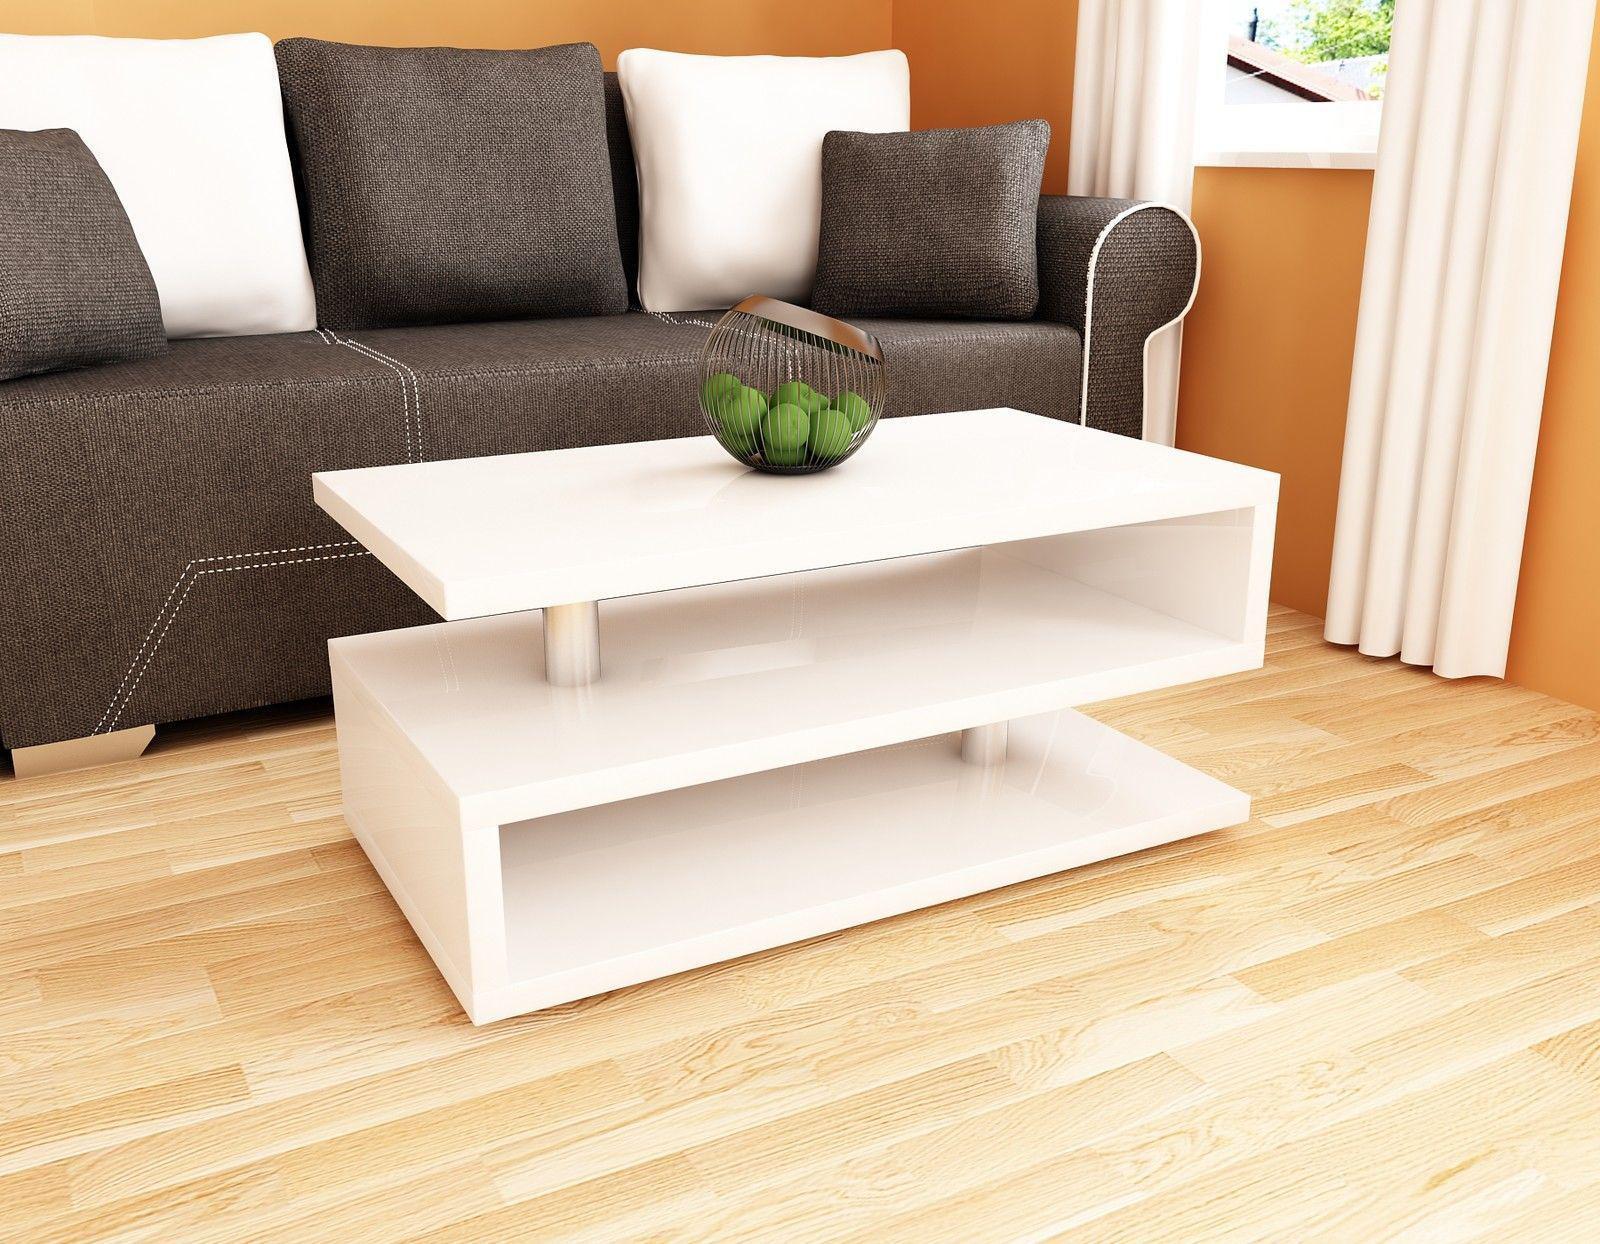 Best Excellent Couchtisch Holz Glas Design Designer Couchtisch Glas Und  Holz Oval Coffee Table Essentials With Couchtisch Aus Glas Und Holz With  Couchtisch ...